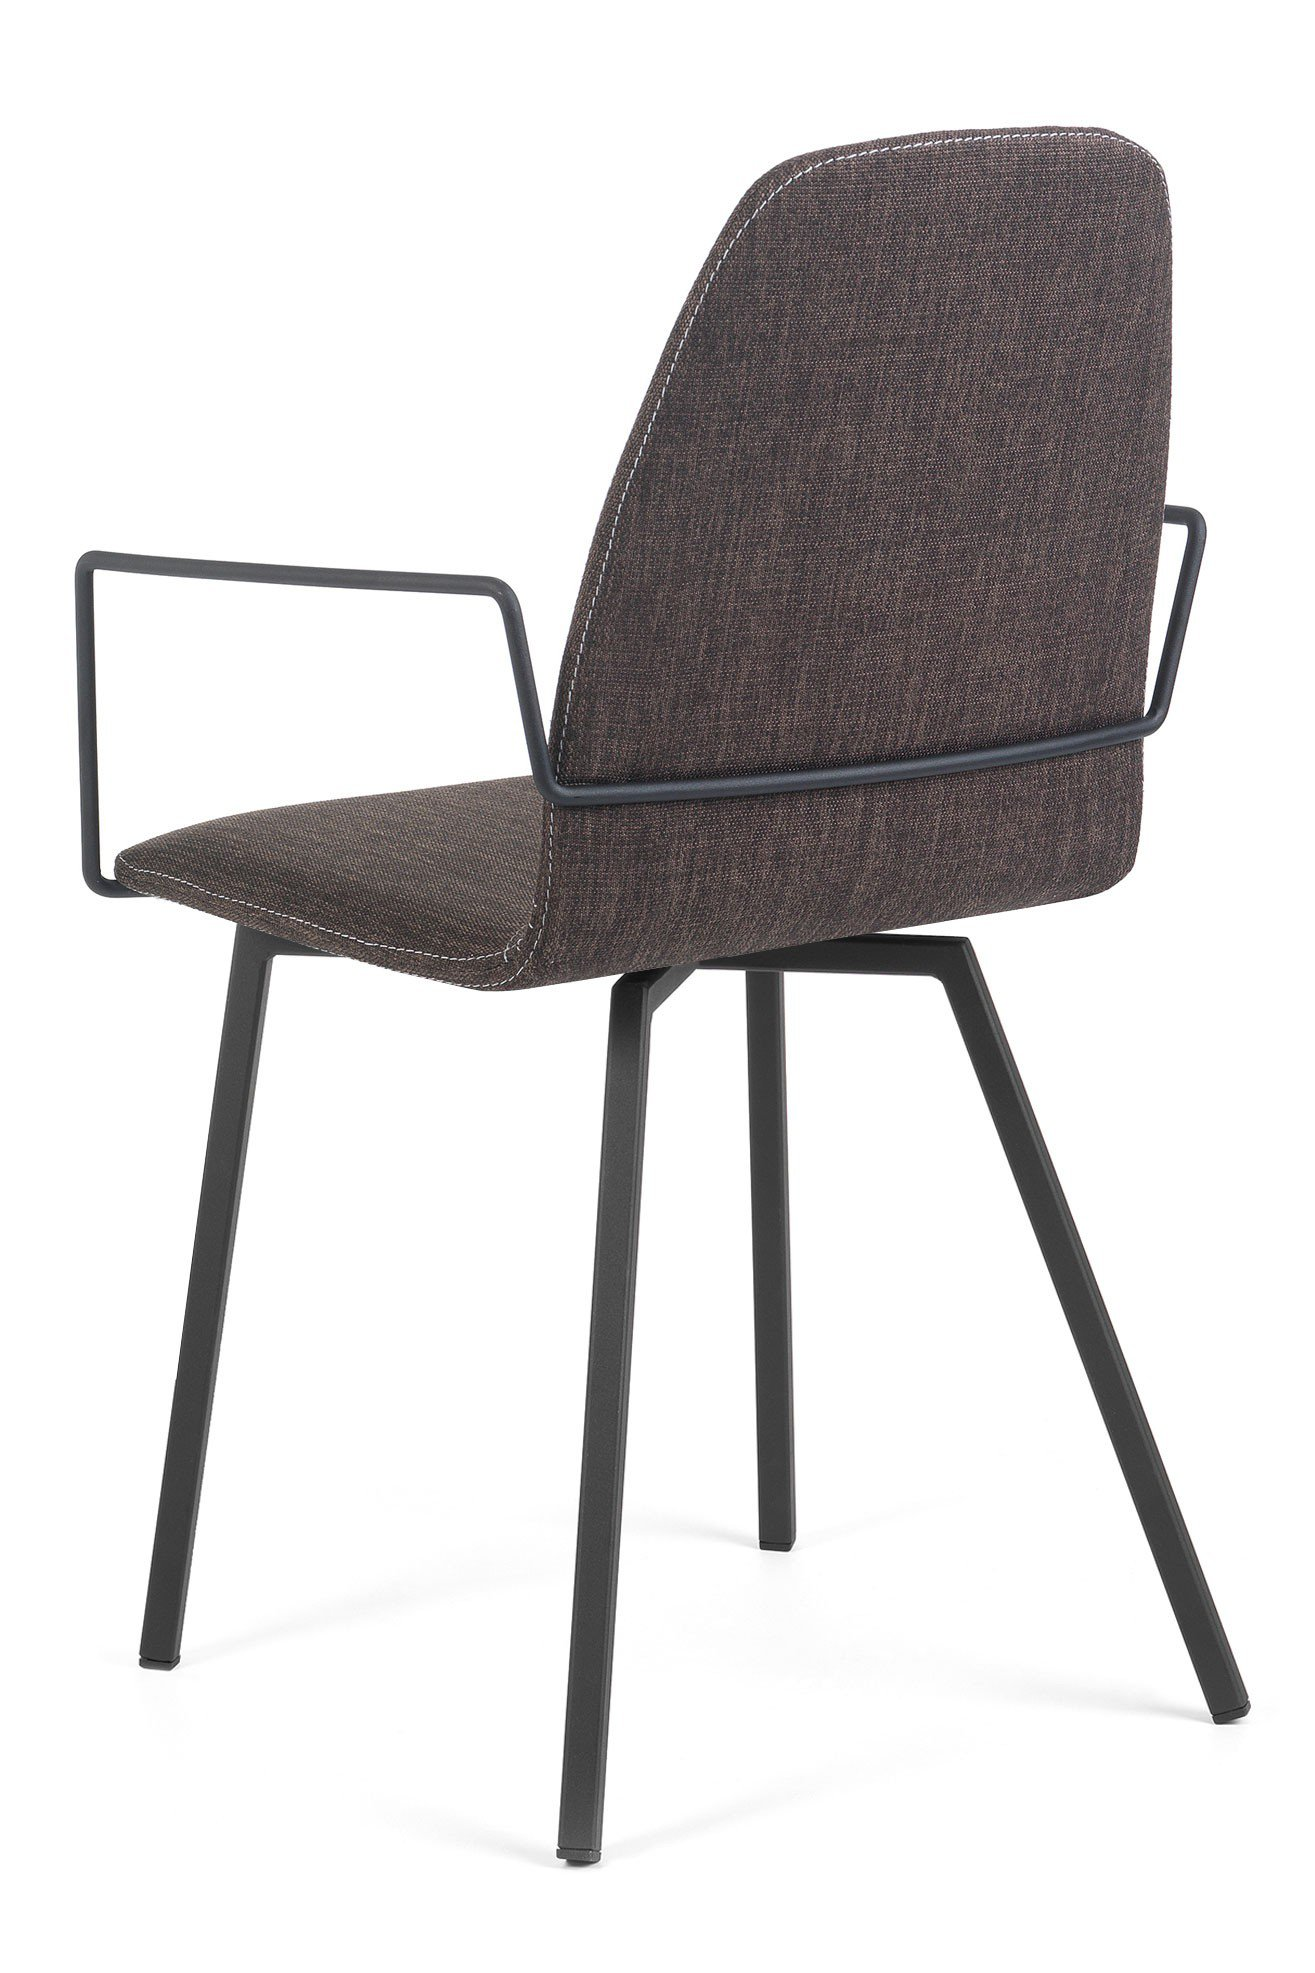 mobitec stuhl mood 13 uni brown metall m bel letz ihr online shop. Black Bedroom Furniture Sets. Home Design Ideas